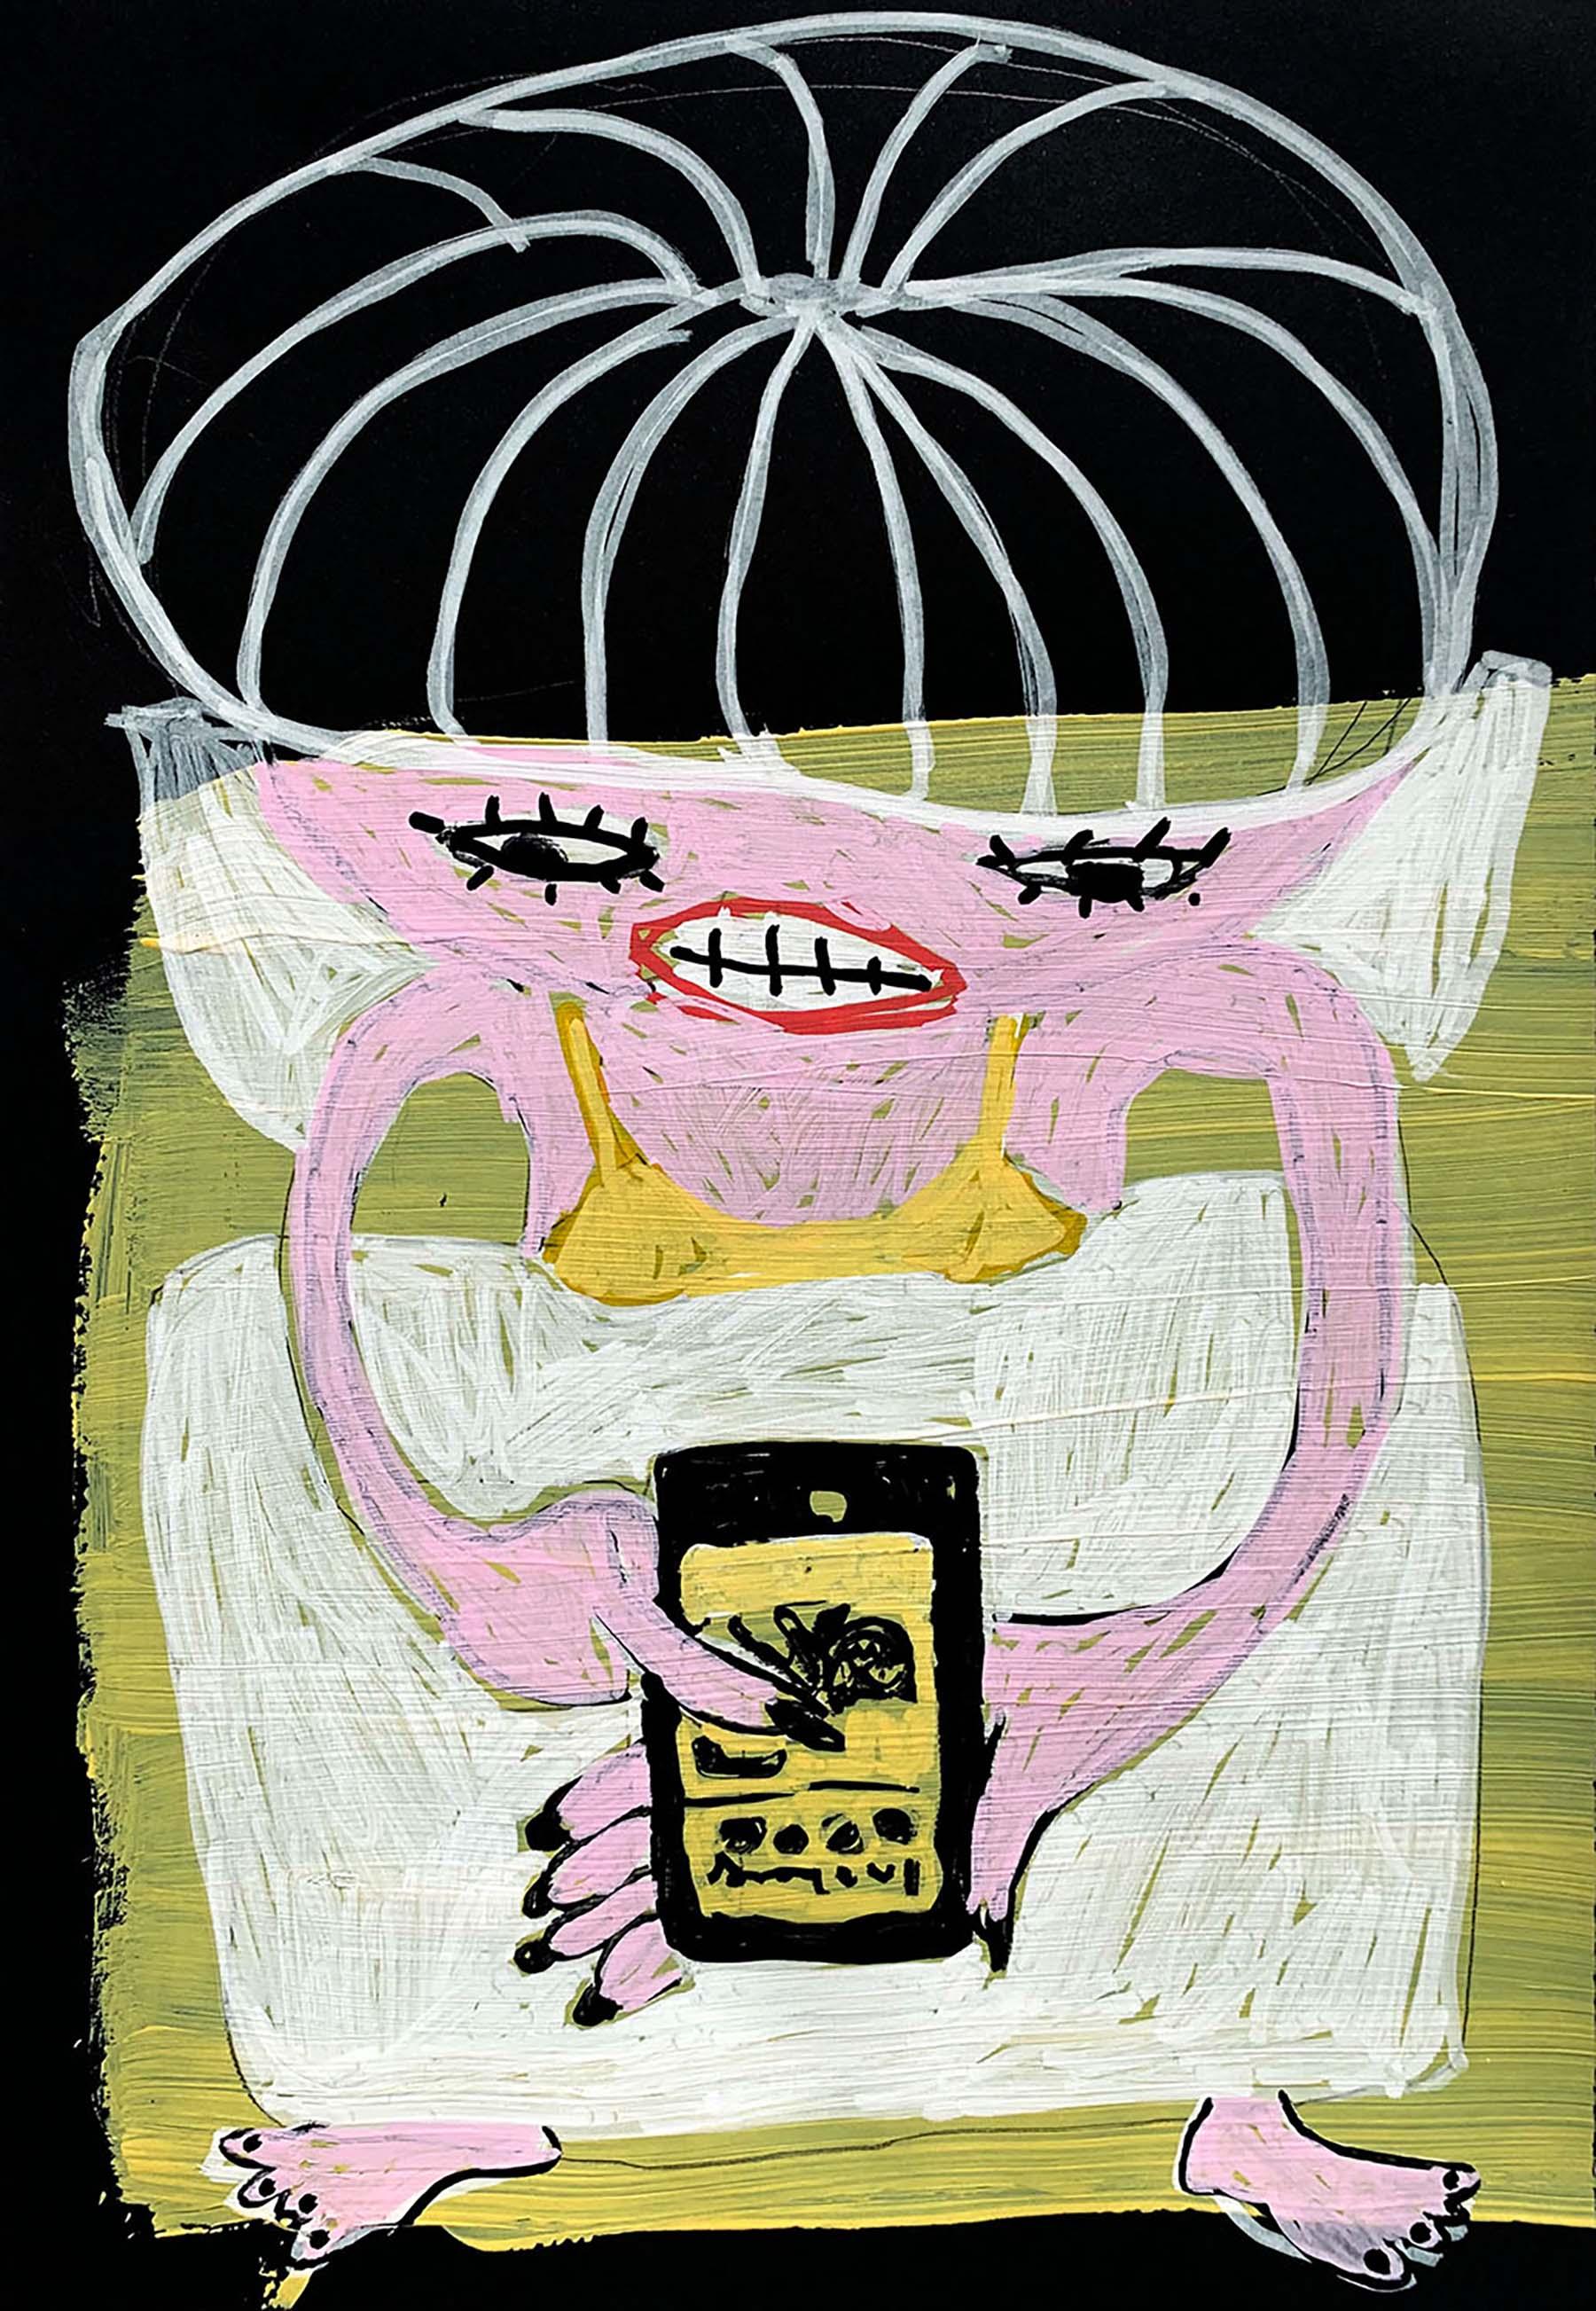 visit gallery weekend barcelona 2021, munchies art club